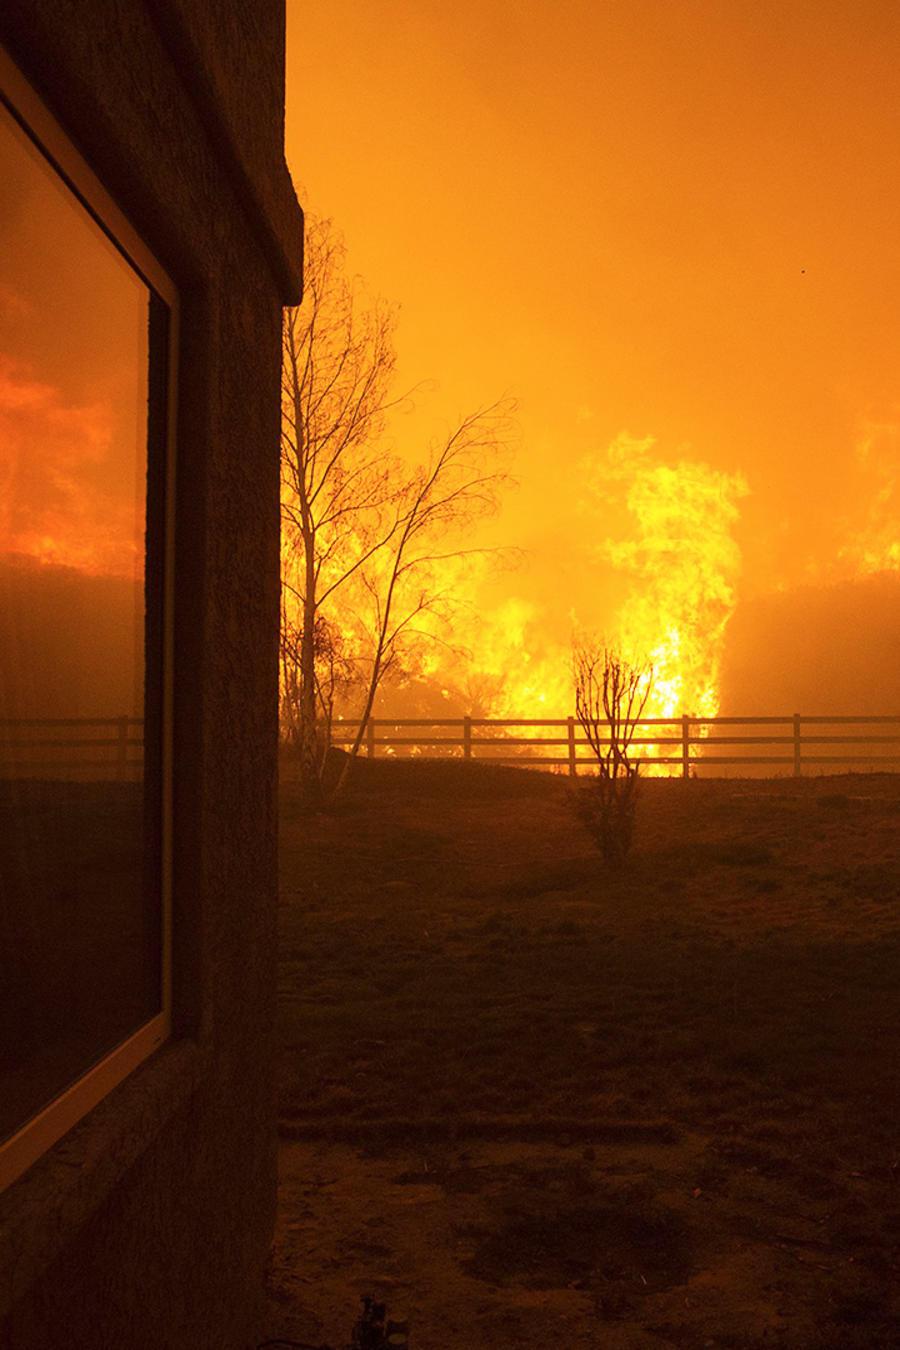 Crece incendio en California